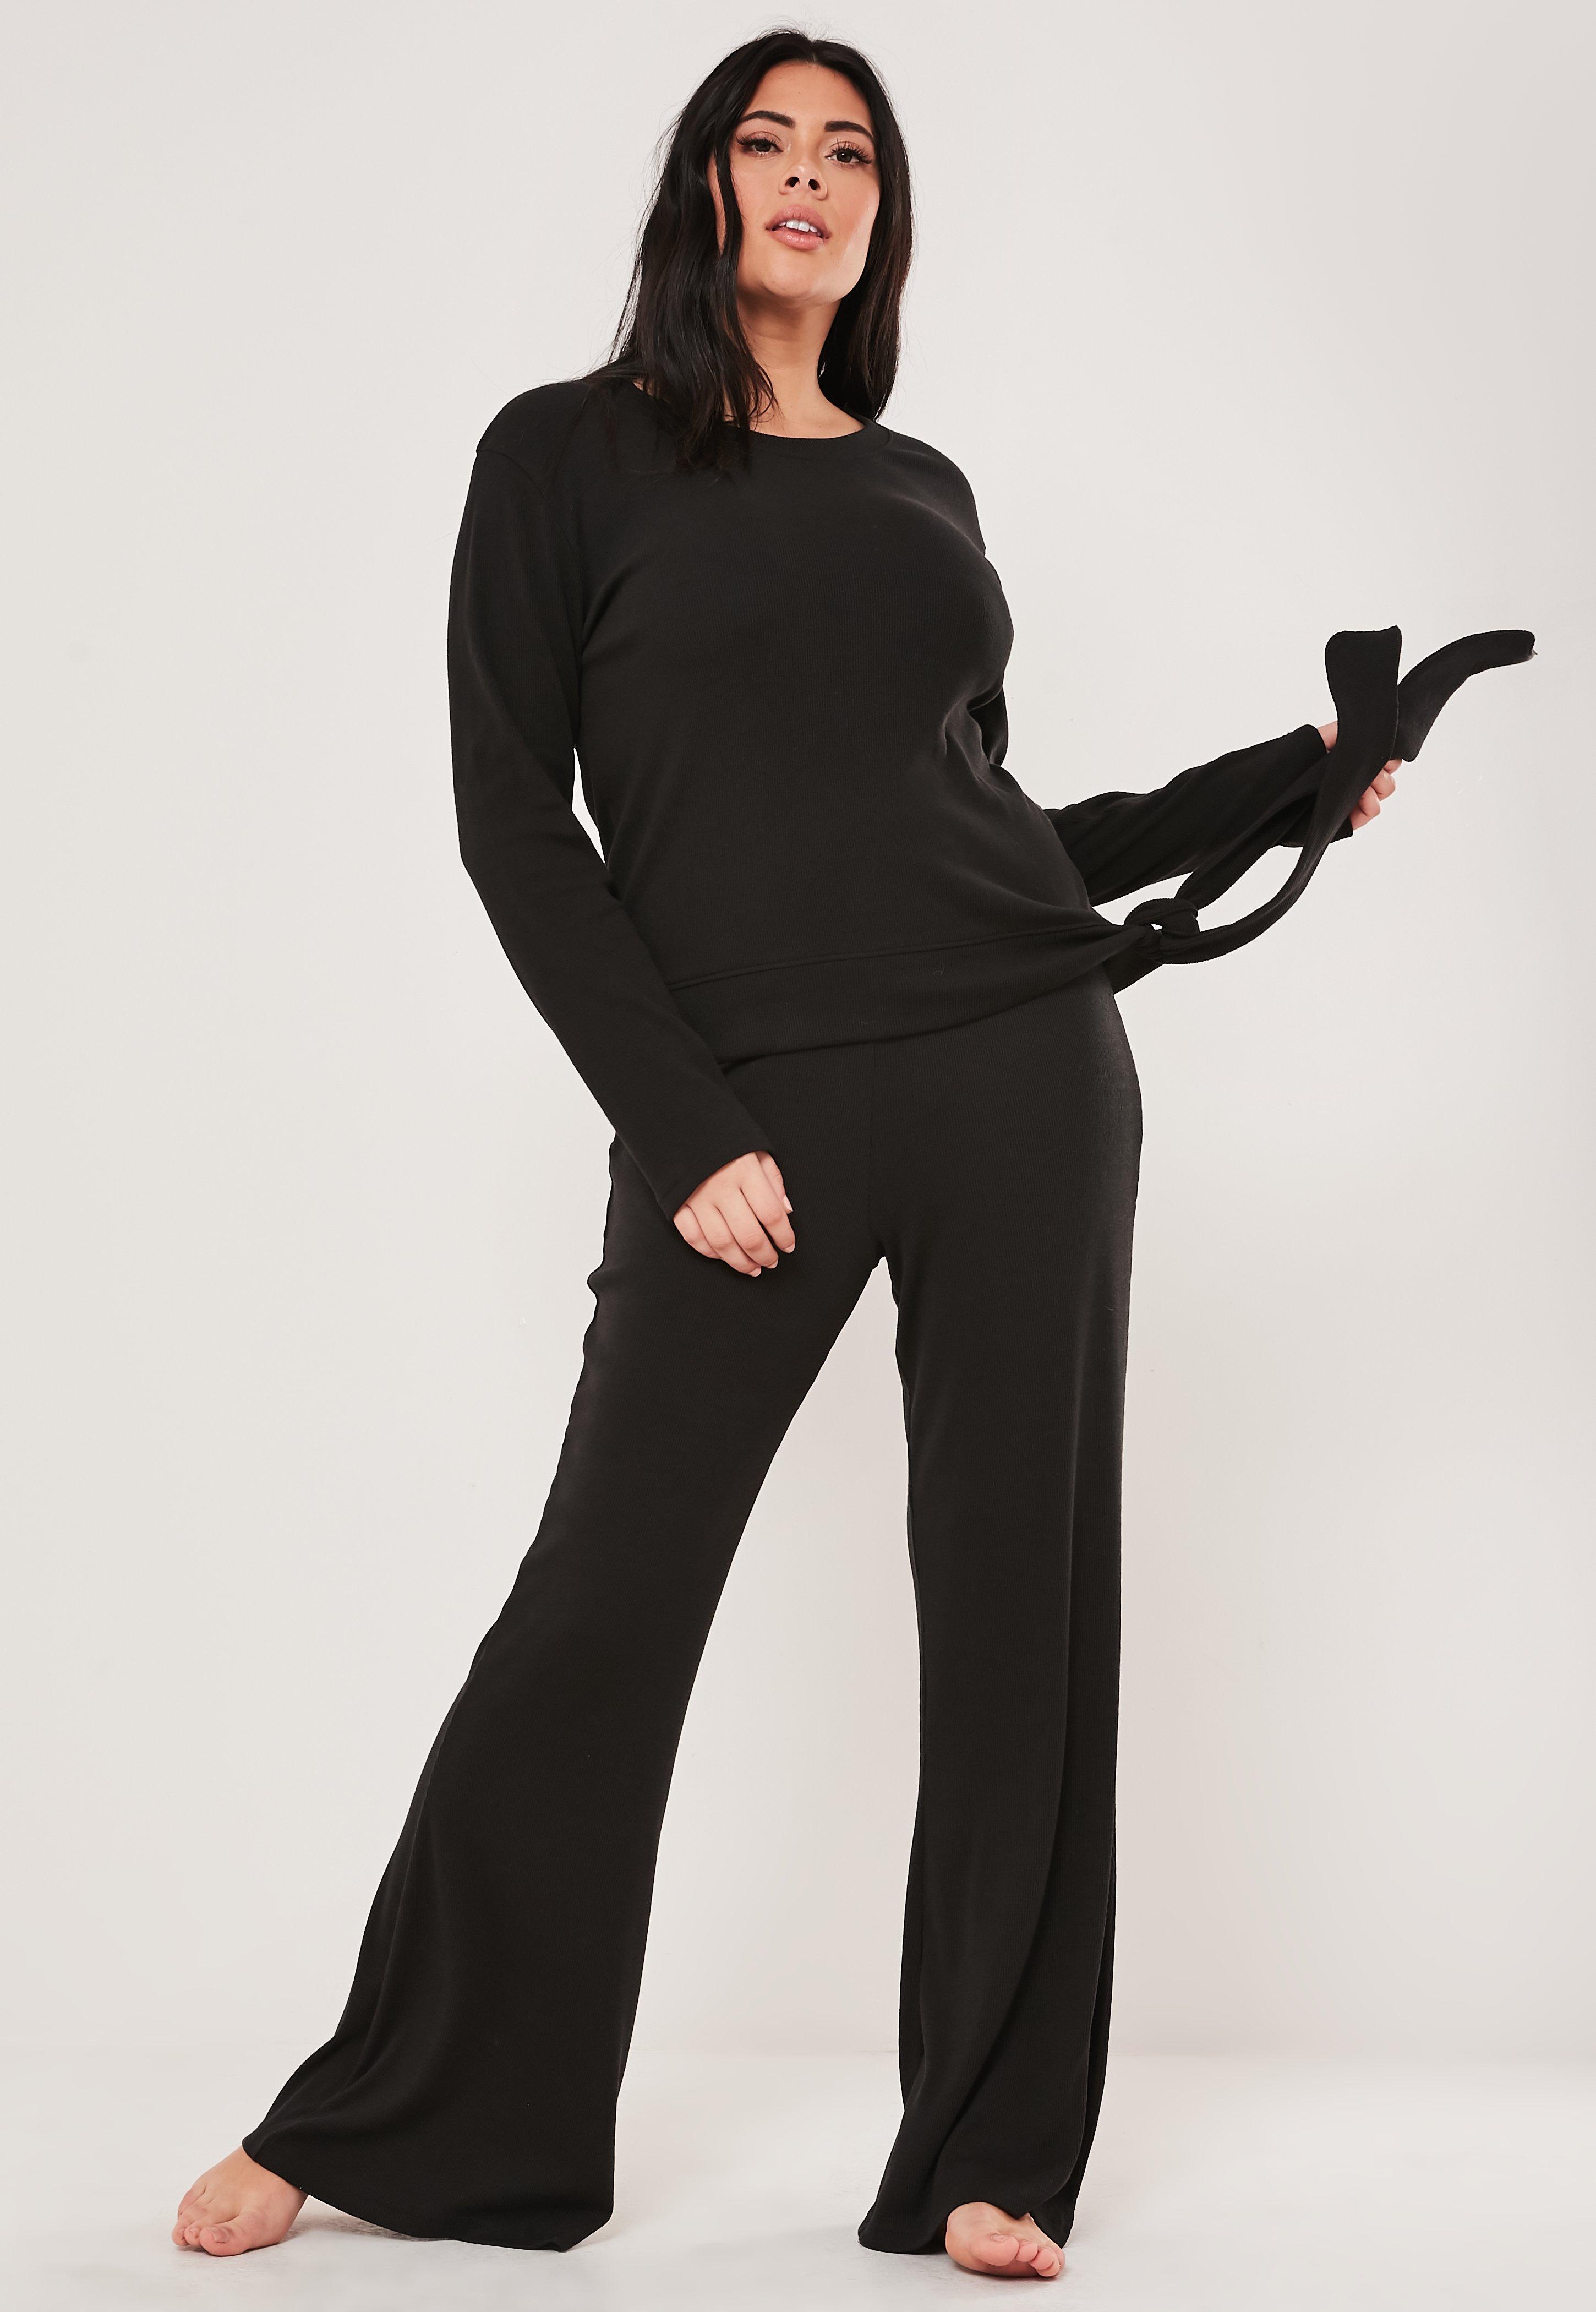 Plus Size Black Side Tie Flared Leg Loungewear Set